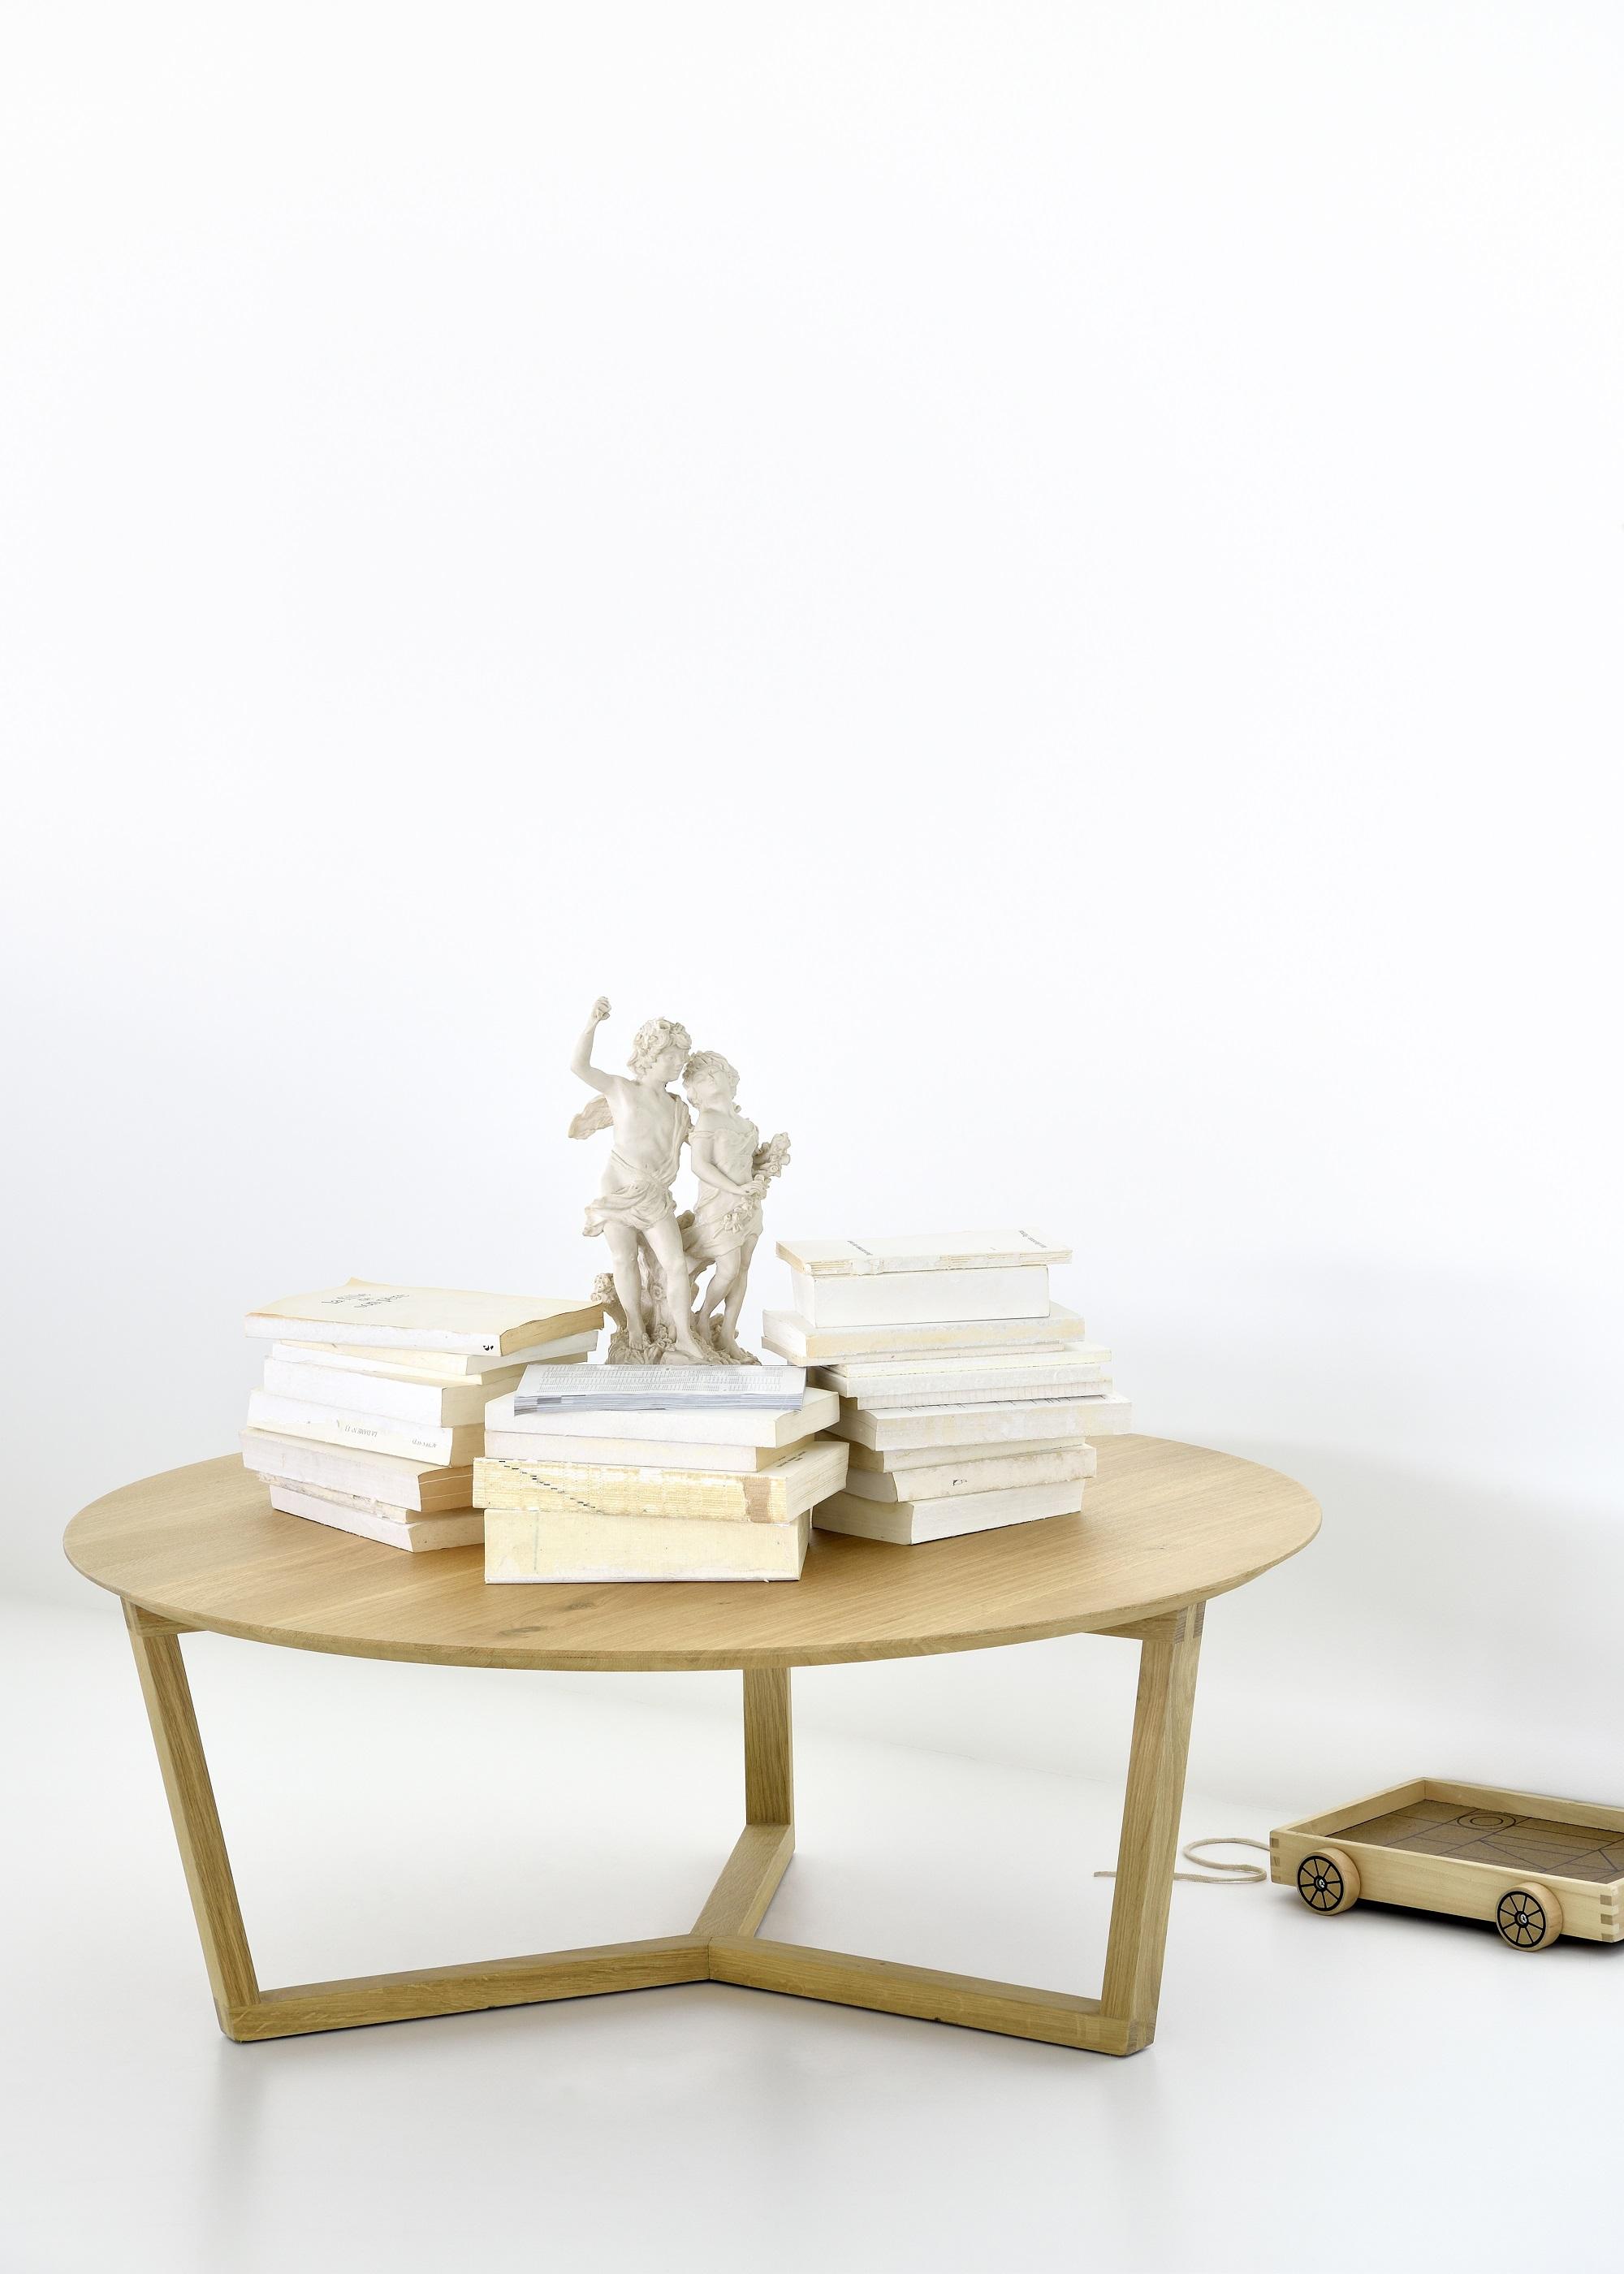 50530-Oak-tripod-coffee-table.jpg